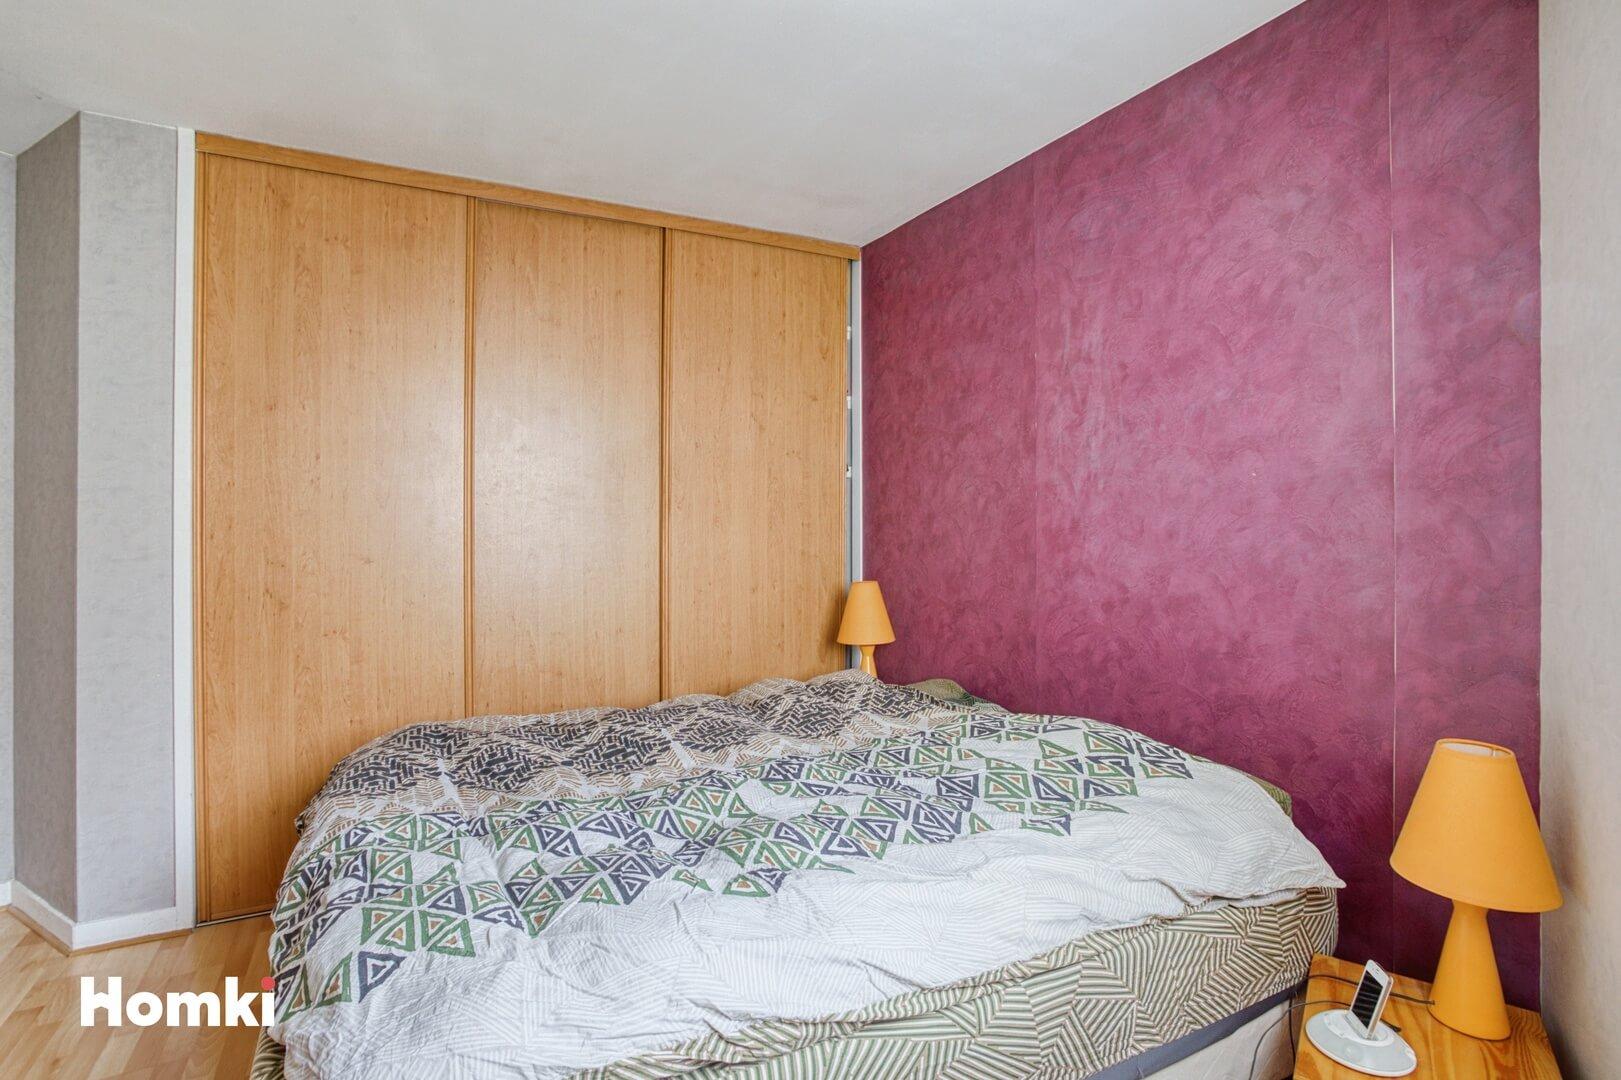 Homki - Vente Appartement  de 71.0 m² à Villeurbanne 69100